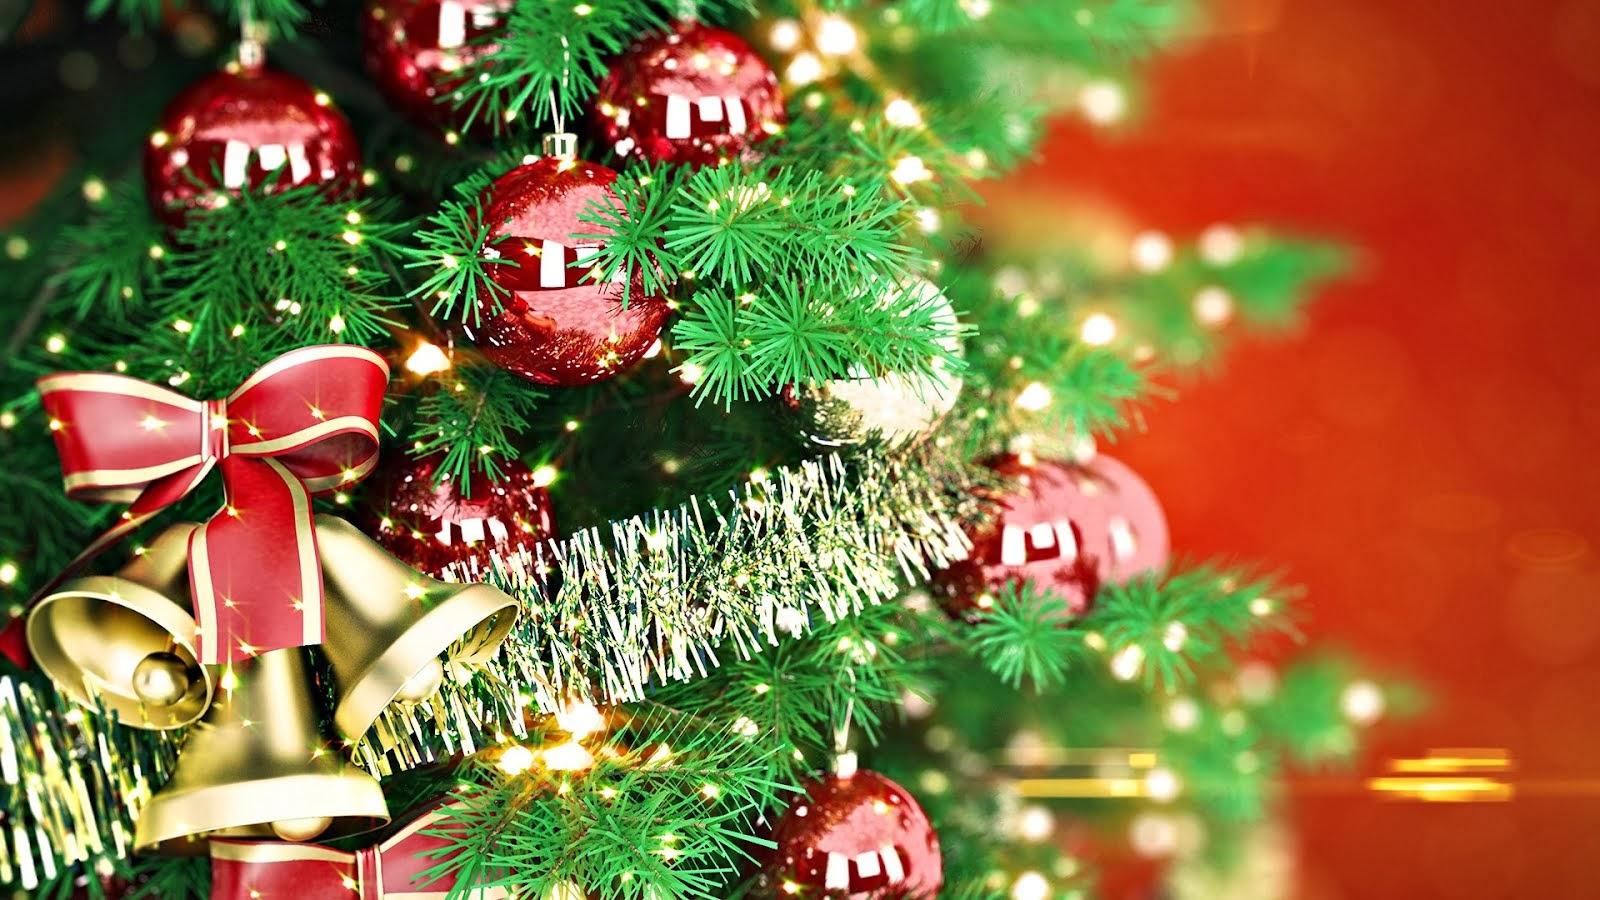 Albero Di Natale Hd.Il Mondo In Un Giardino L Albero Di Natale Dalle Origini A Oggi